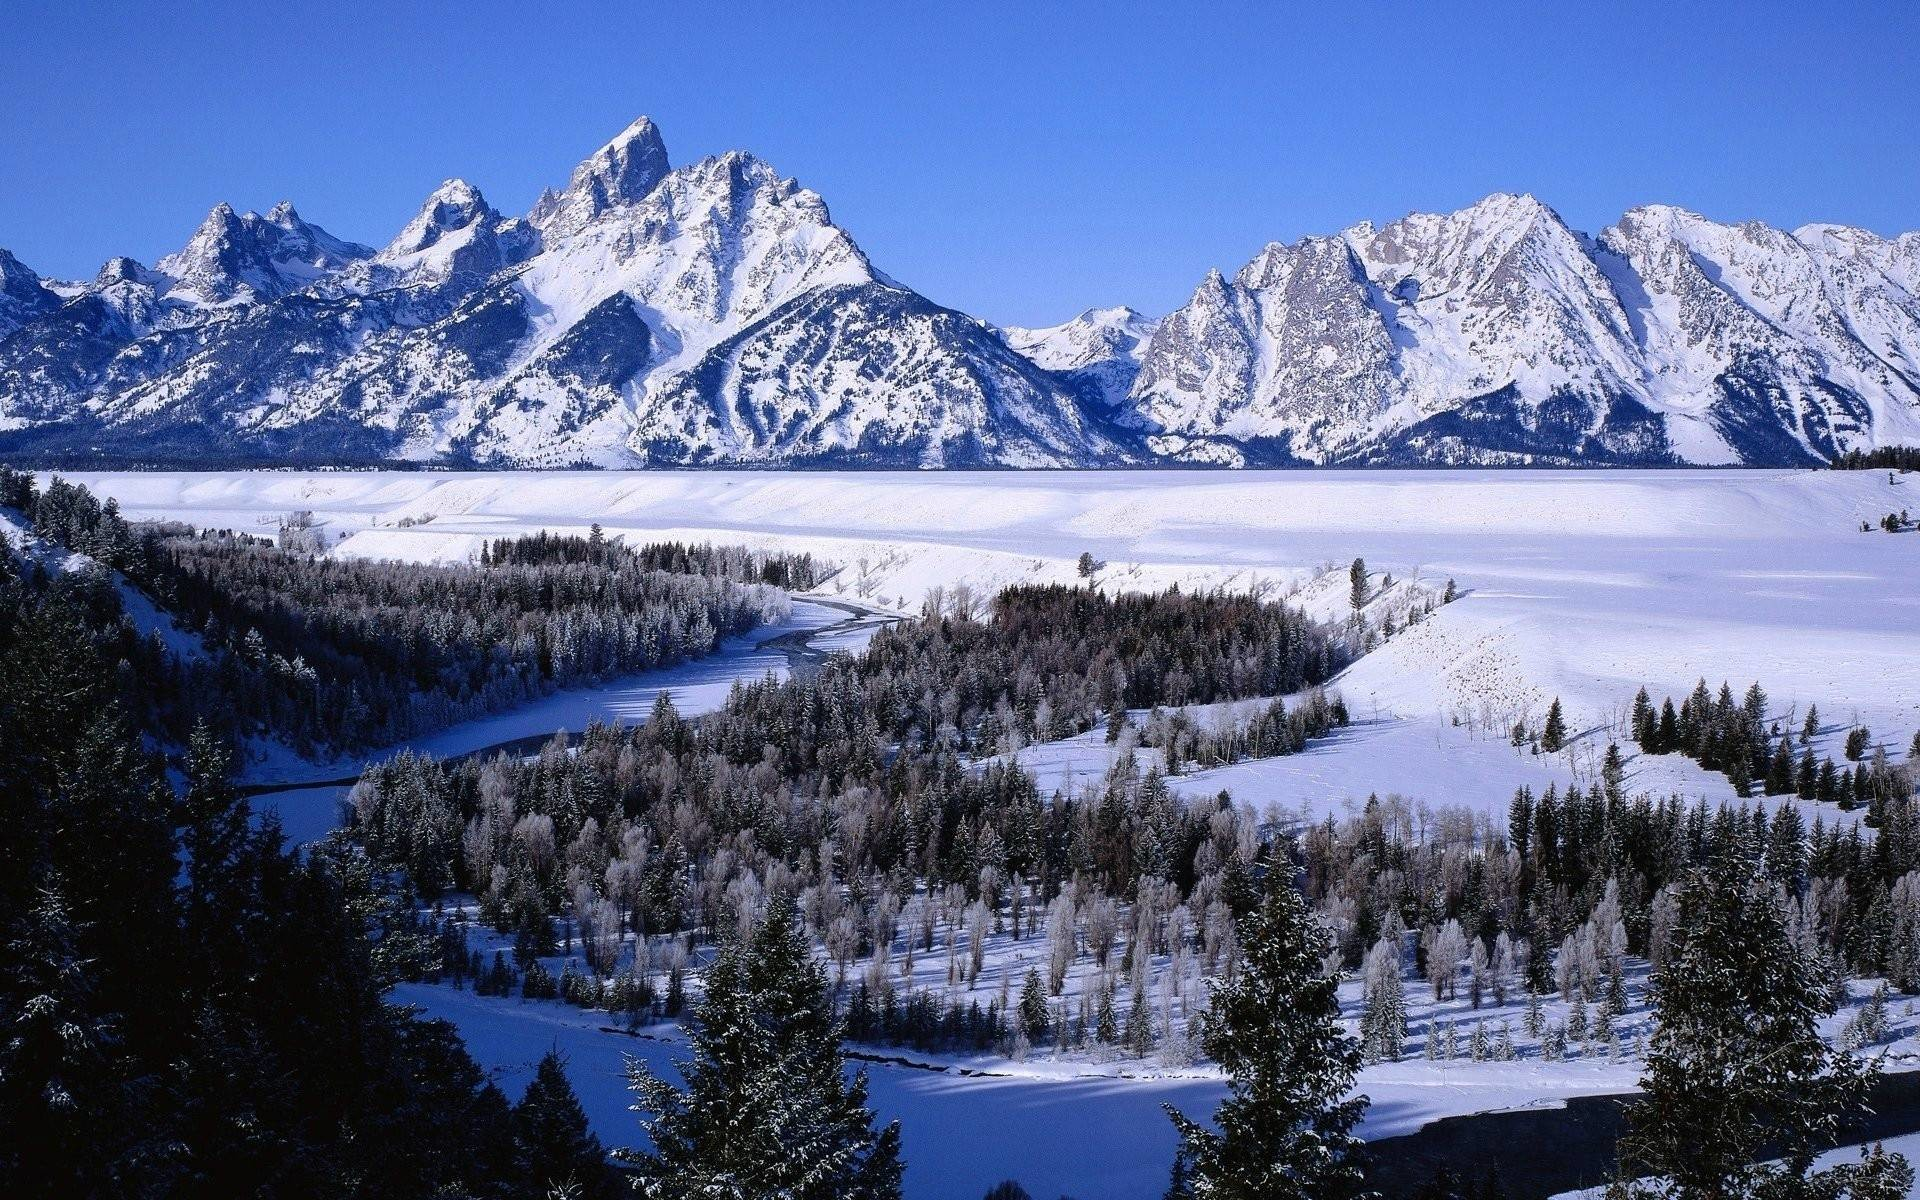 Snowy Mountains Winter Activities #11097 Wallpaper   Wallpaper hd